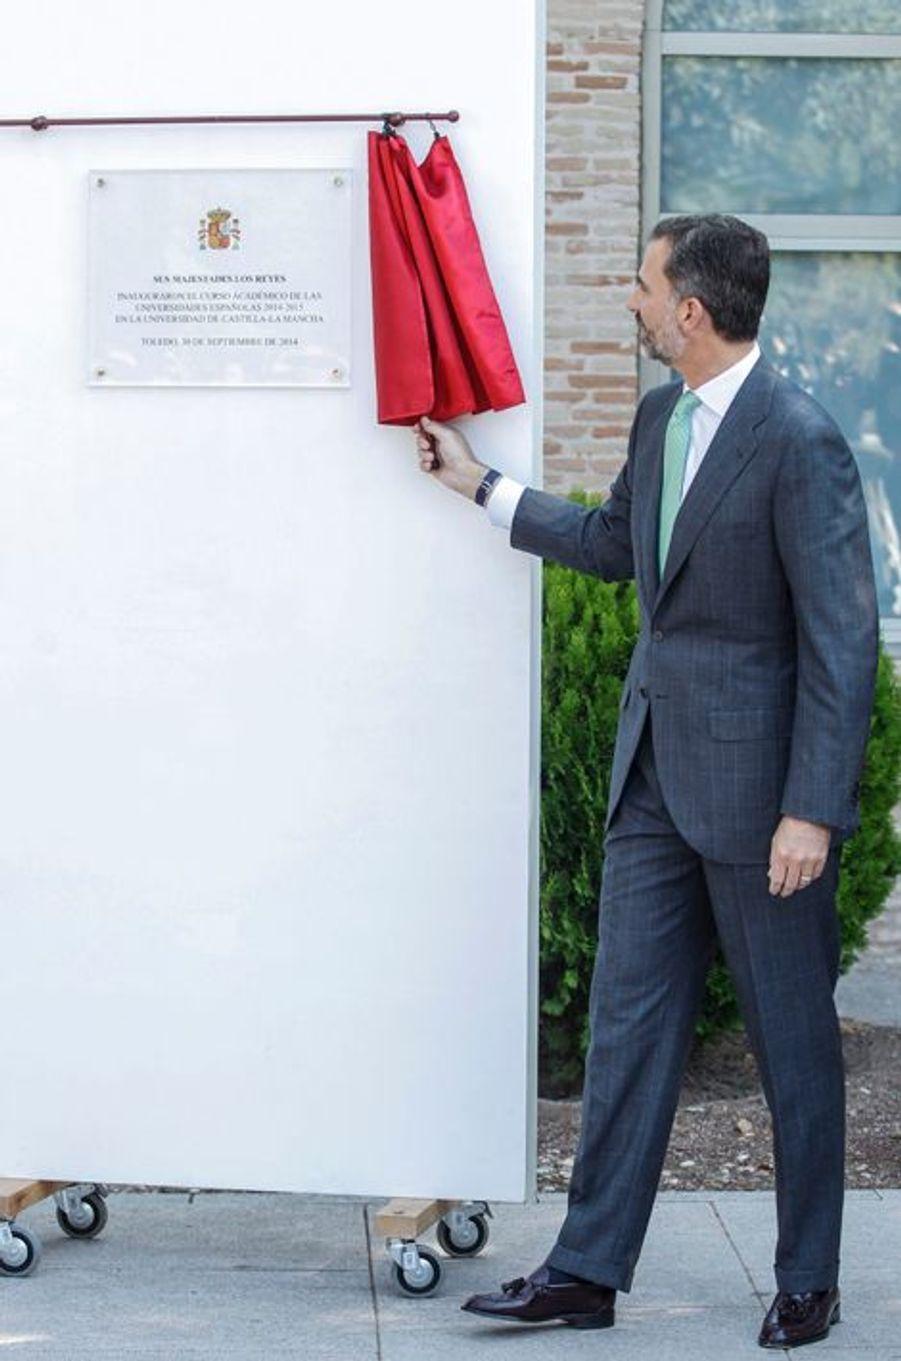 Letizia et Philippe VI à l'université de Castilla-La Mancha à Tolède pour la rentrée universitaire, le 30 septembre 2014